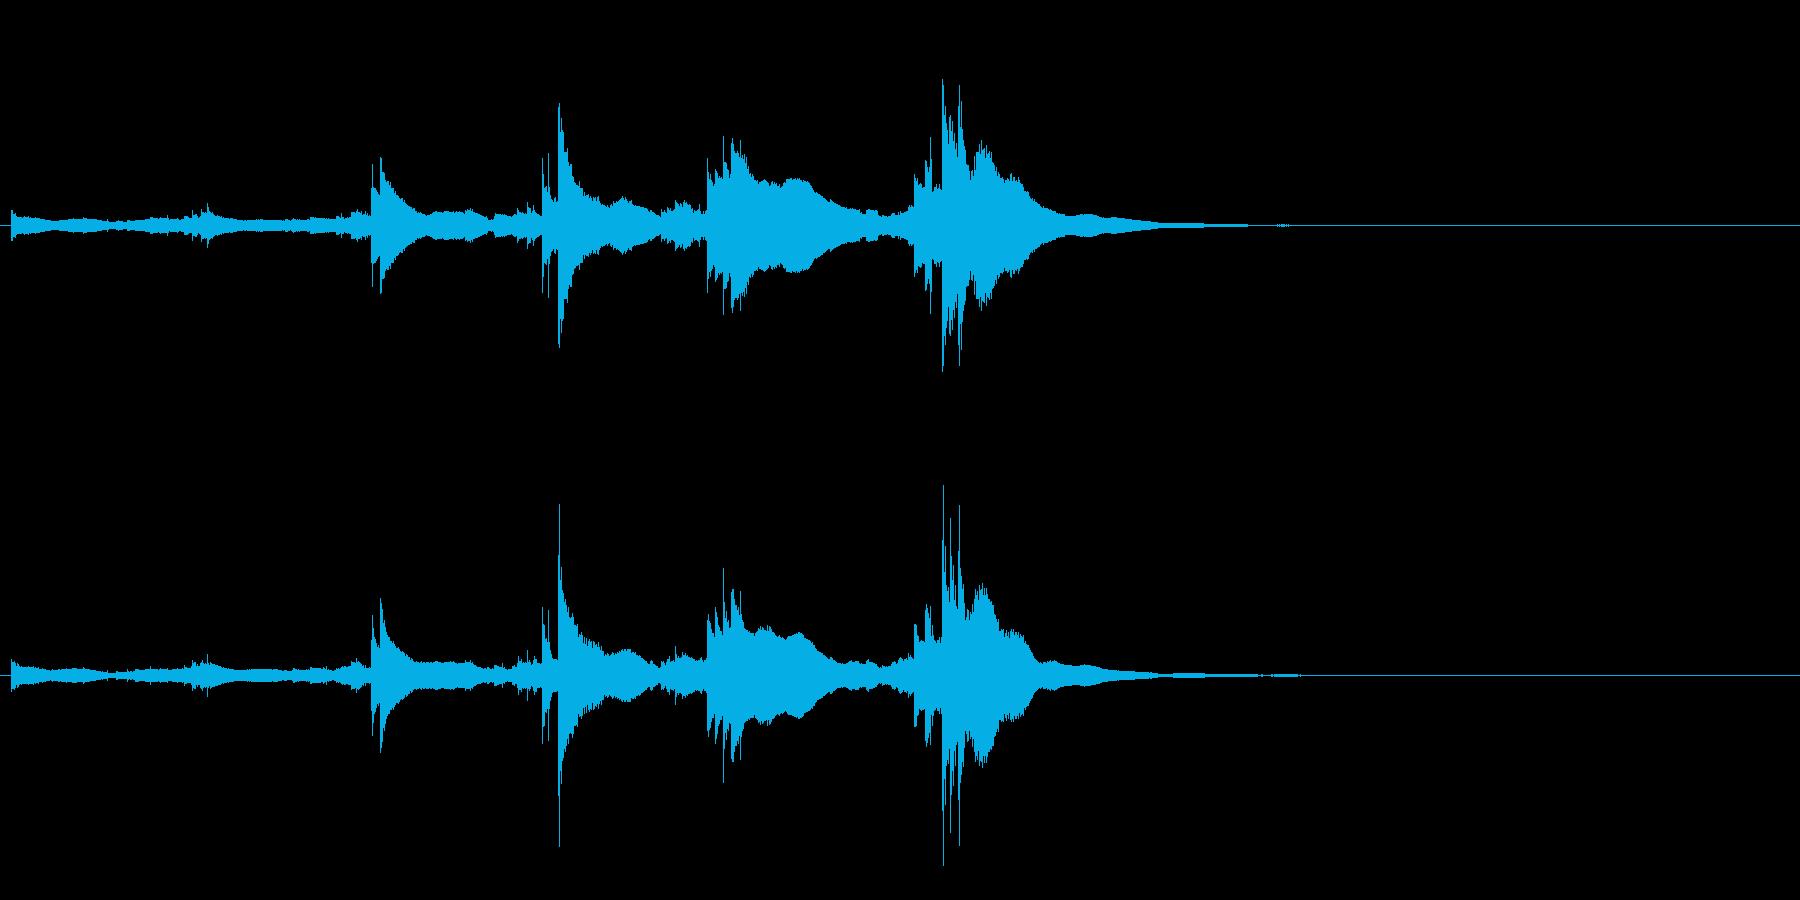 小型の鐘「本つり鐘」のフレーズ音2の再生済みの波形